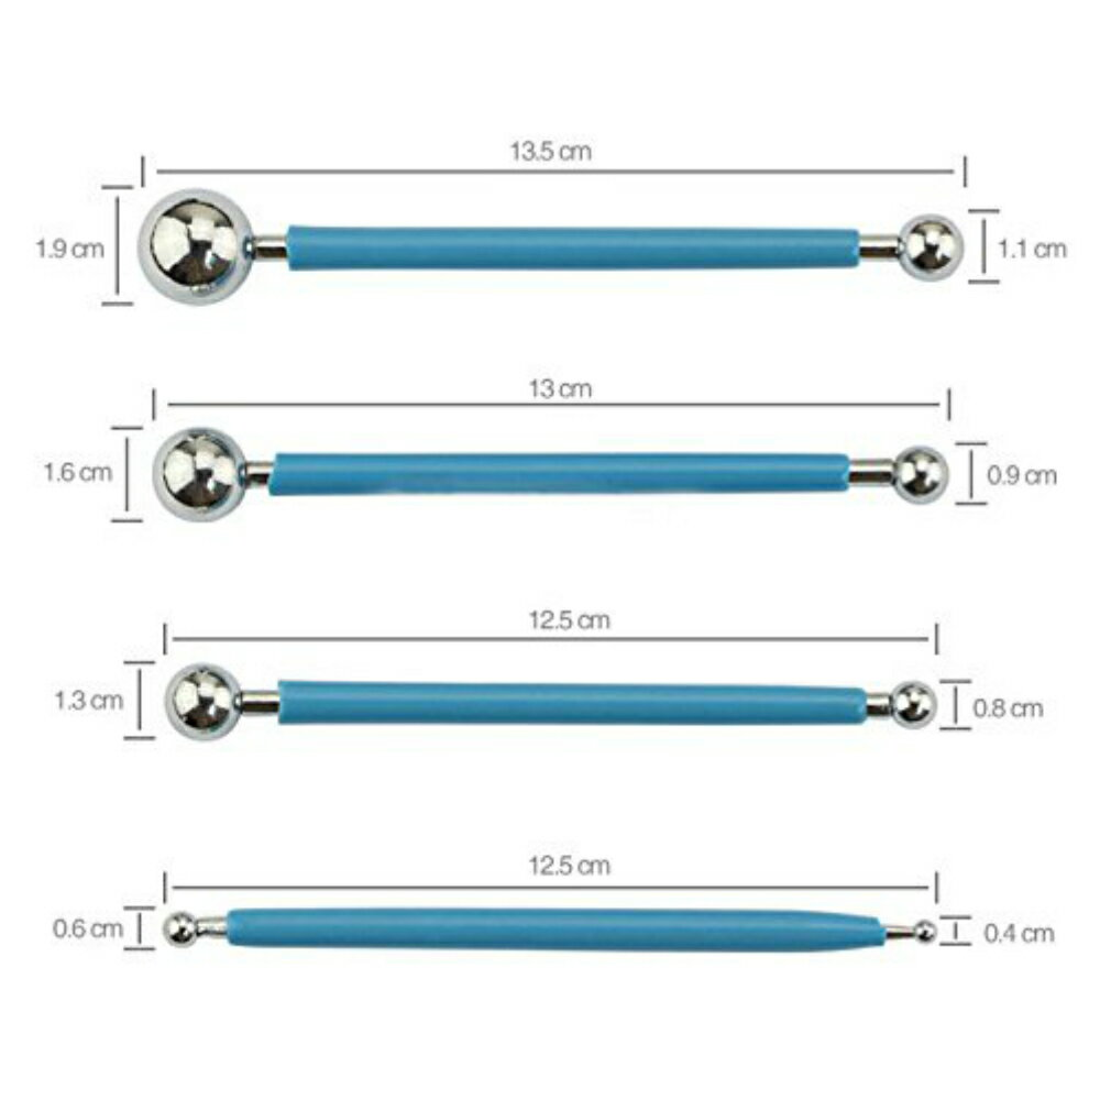 【追跡番号付き】 4本セット 8タイプ 粘土 細工 クレイ 丸 棒 お手入れ用 クロス セット 道具 ヘラ